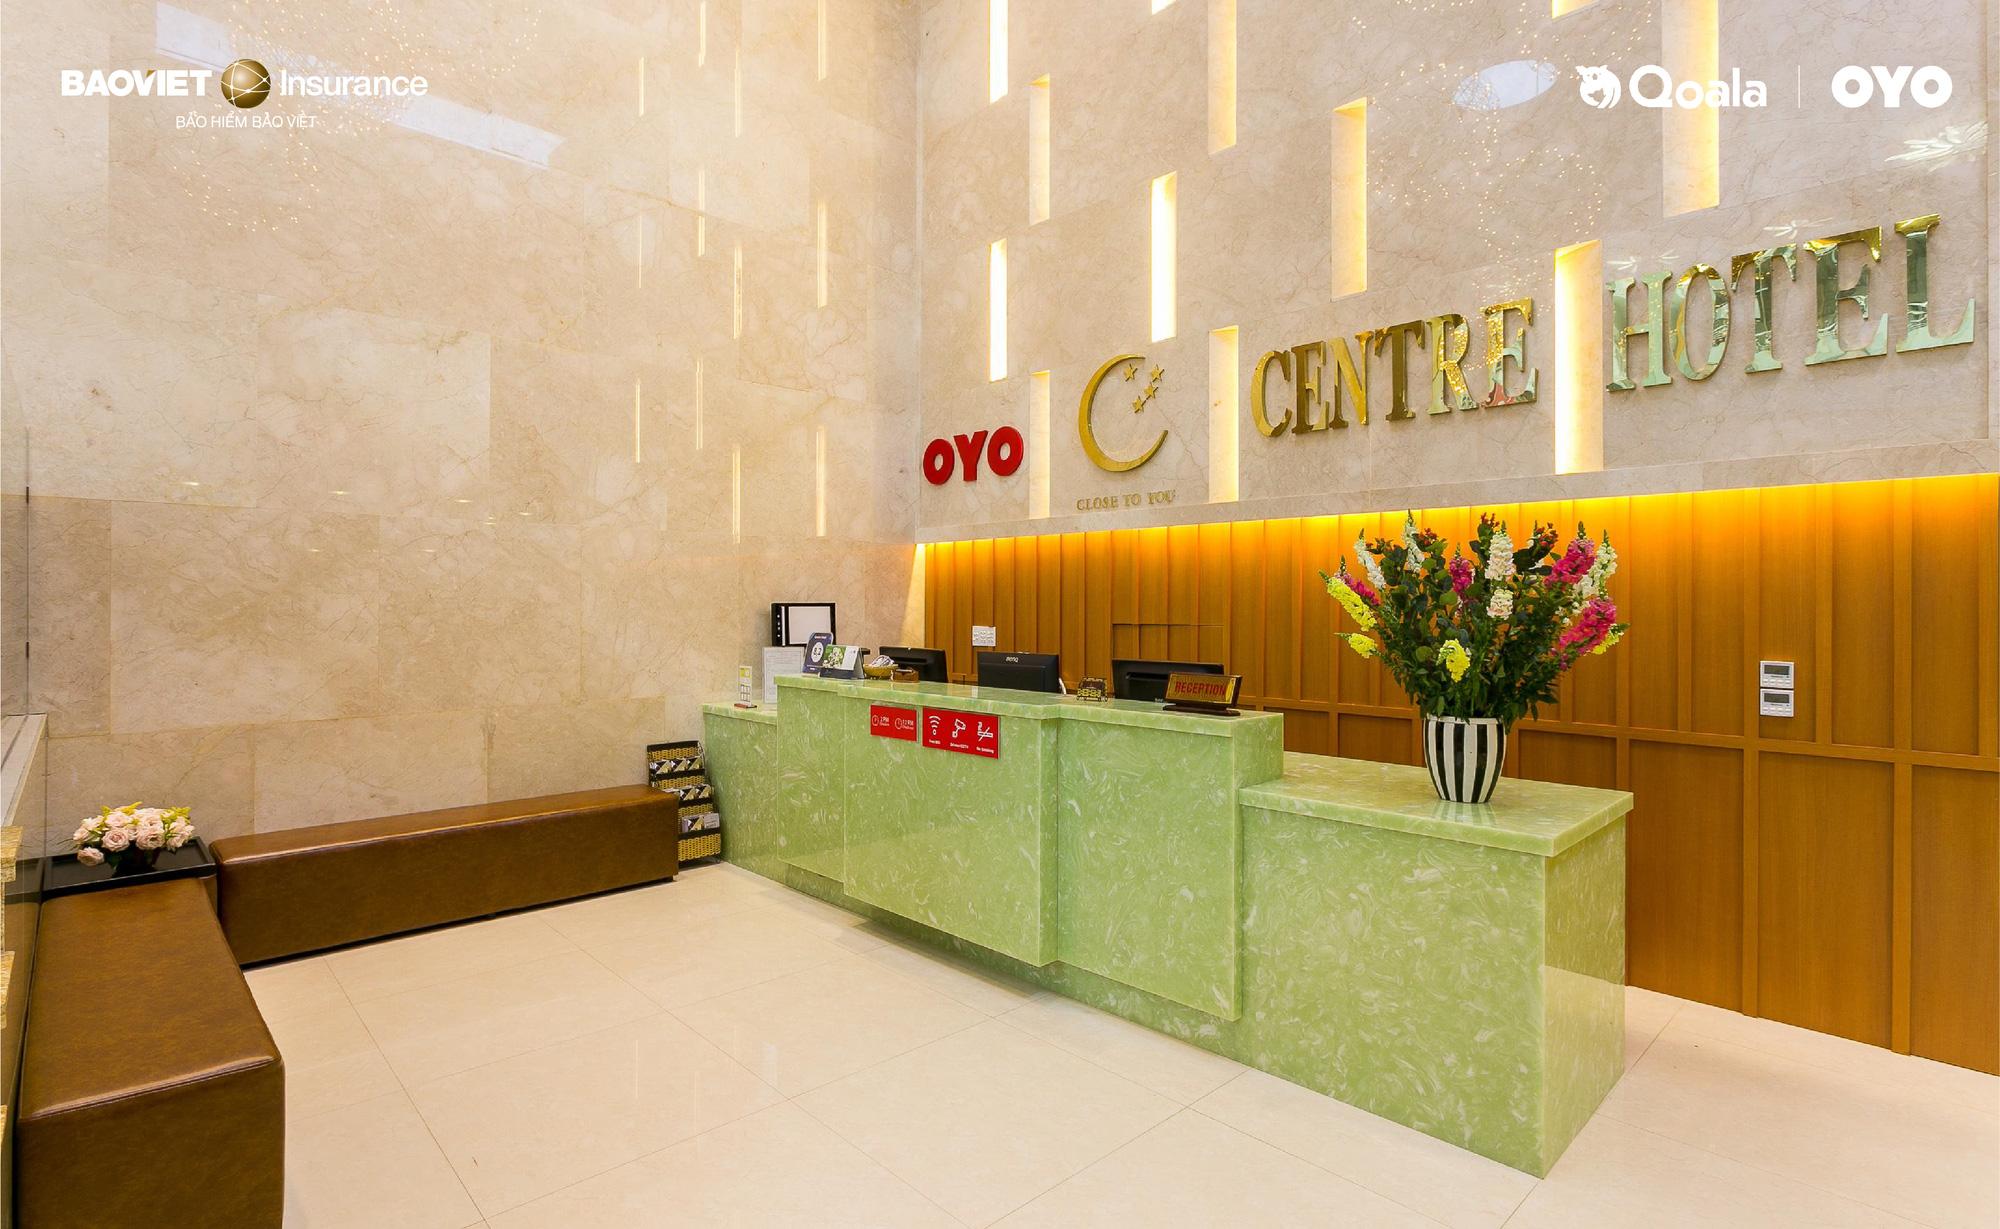 Bảo hiểm Bảo Việt bắt tay hợp tác với OYO, Qoala - Ảnh 2.